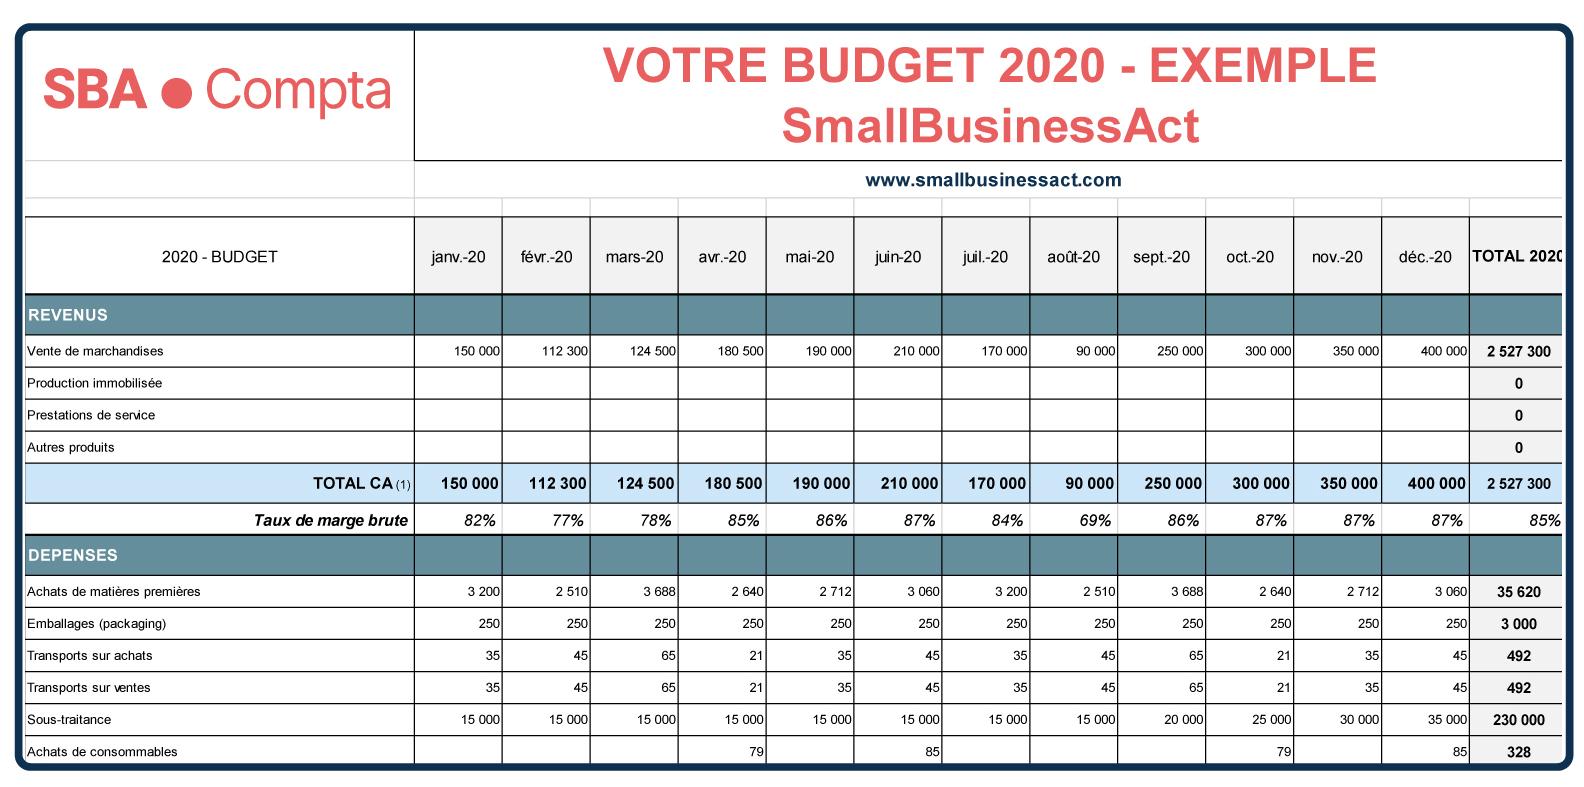 Tableau de budget prévisionnel : Exemple